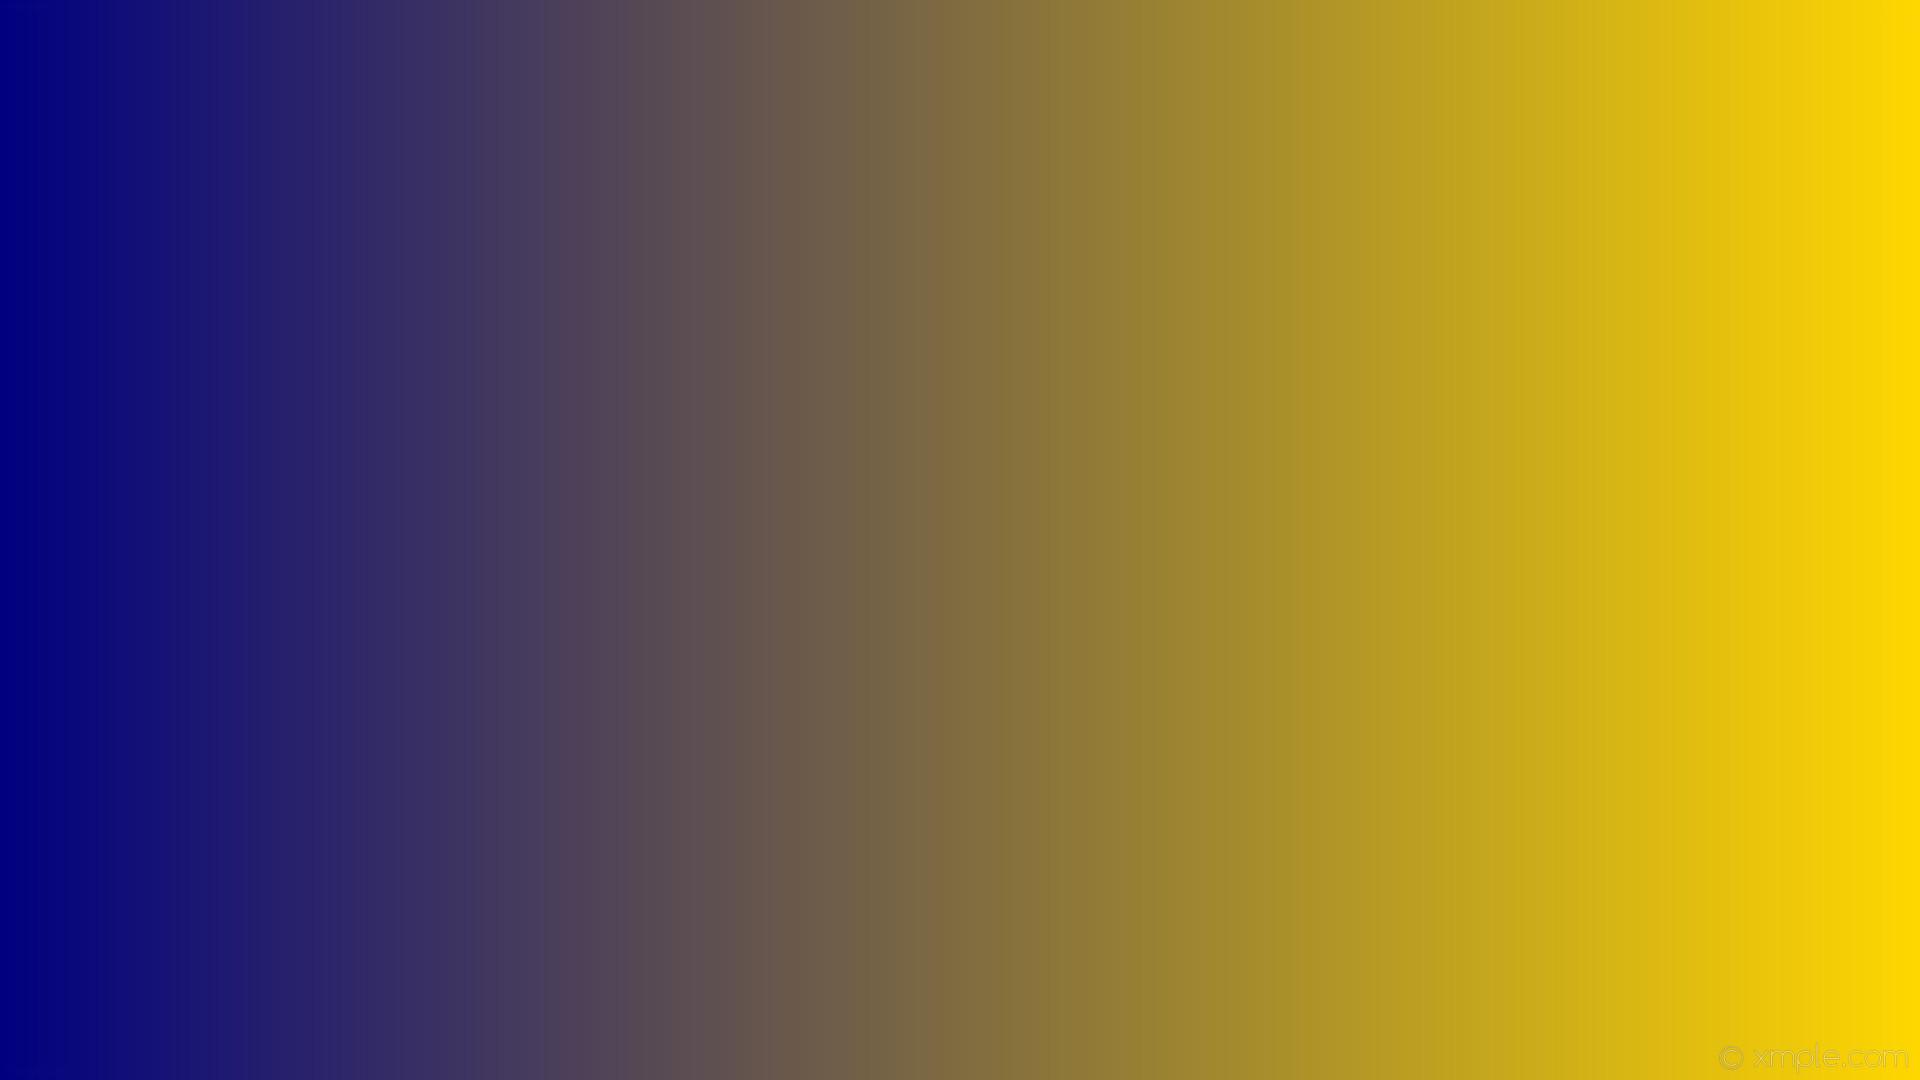 wallpaper linear yellow gradient blue gold navy #ffd700 #000080 0°